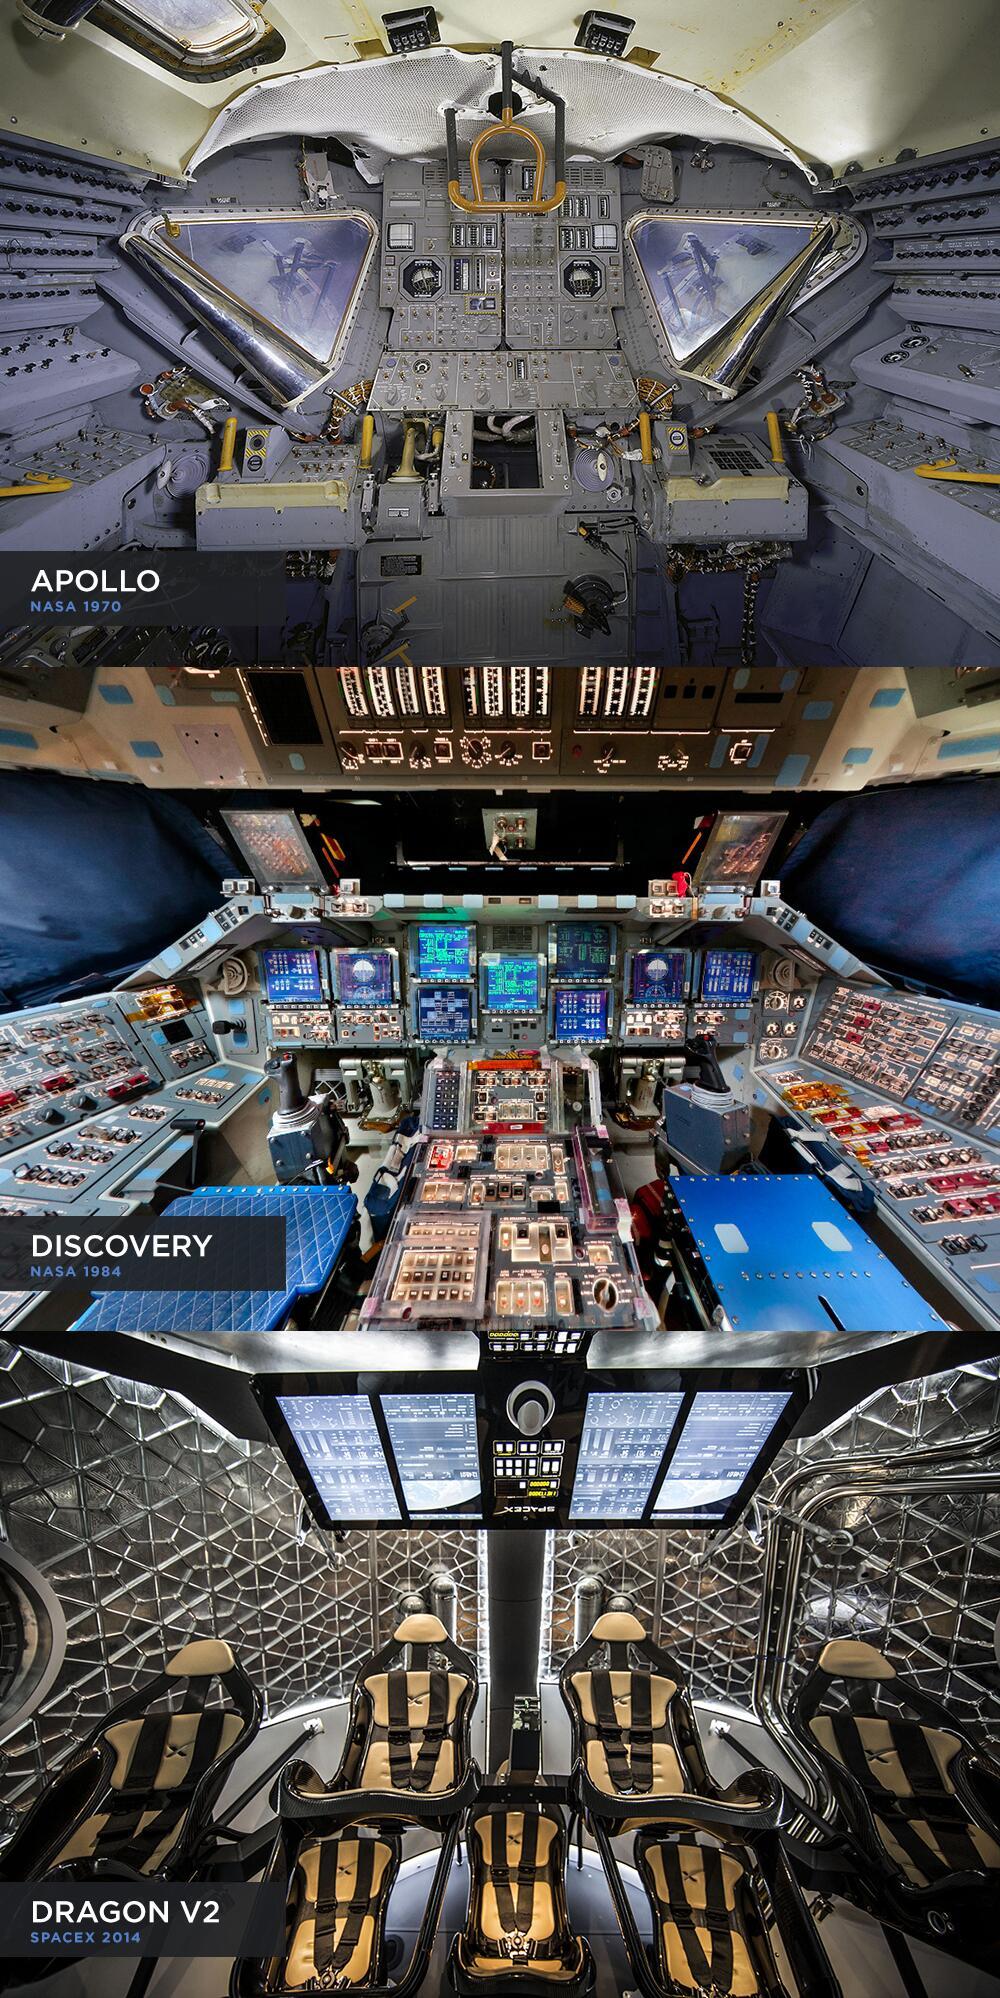 The 45 year evolution of spacecraft cockpit design